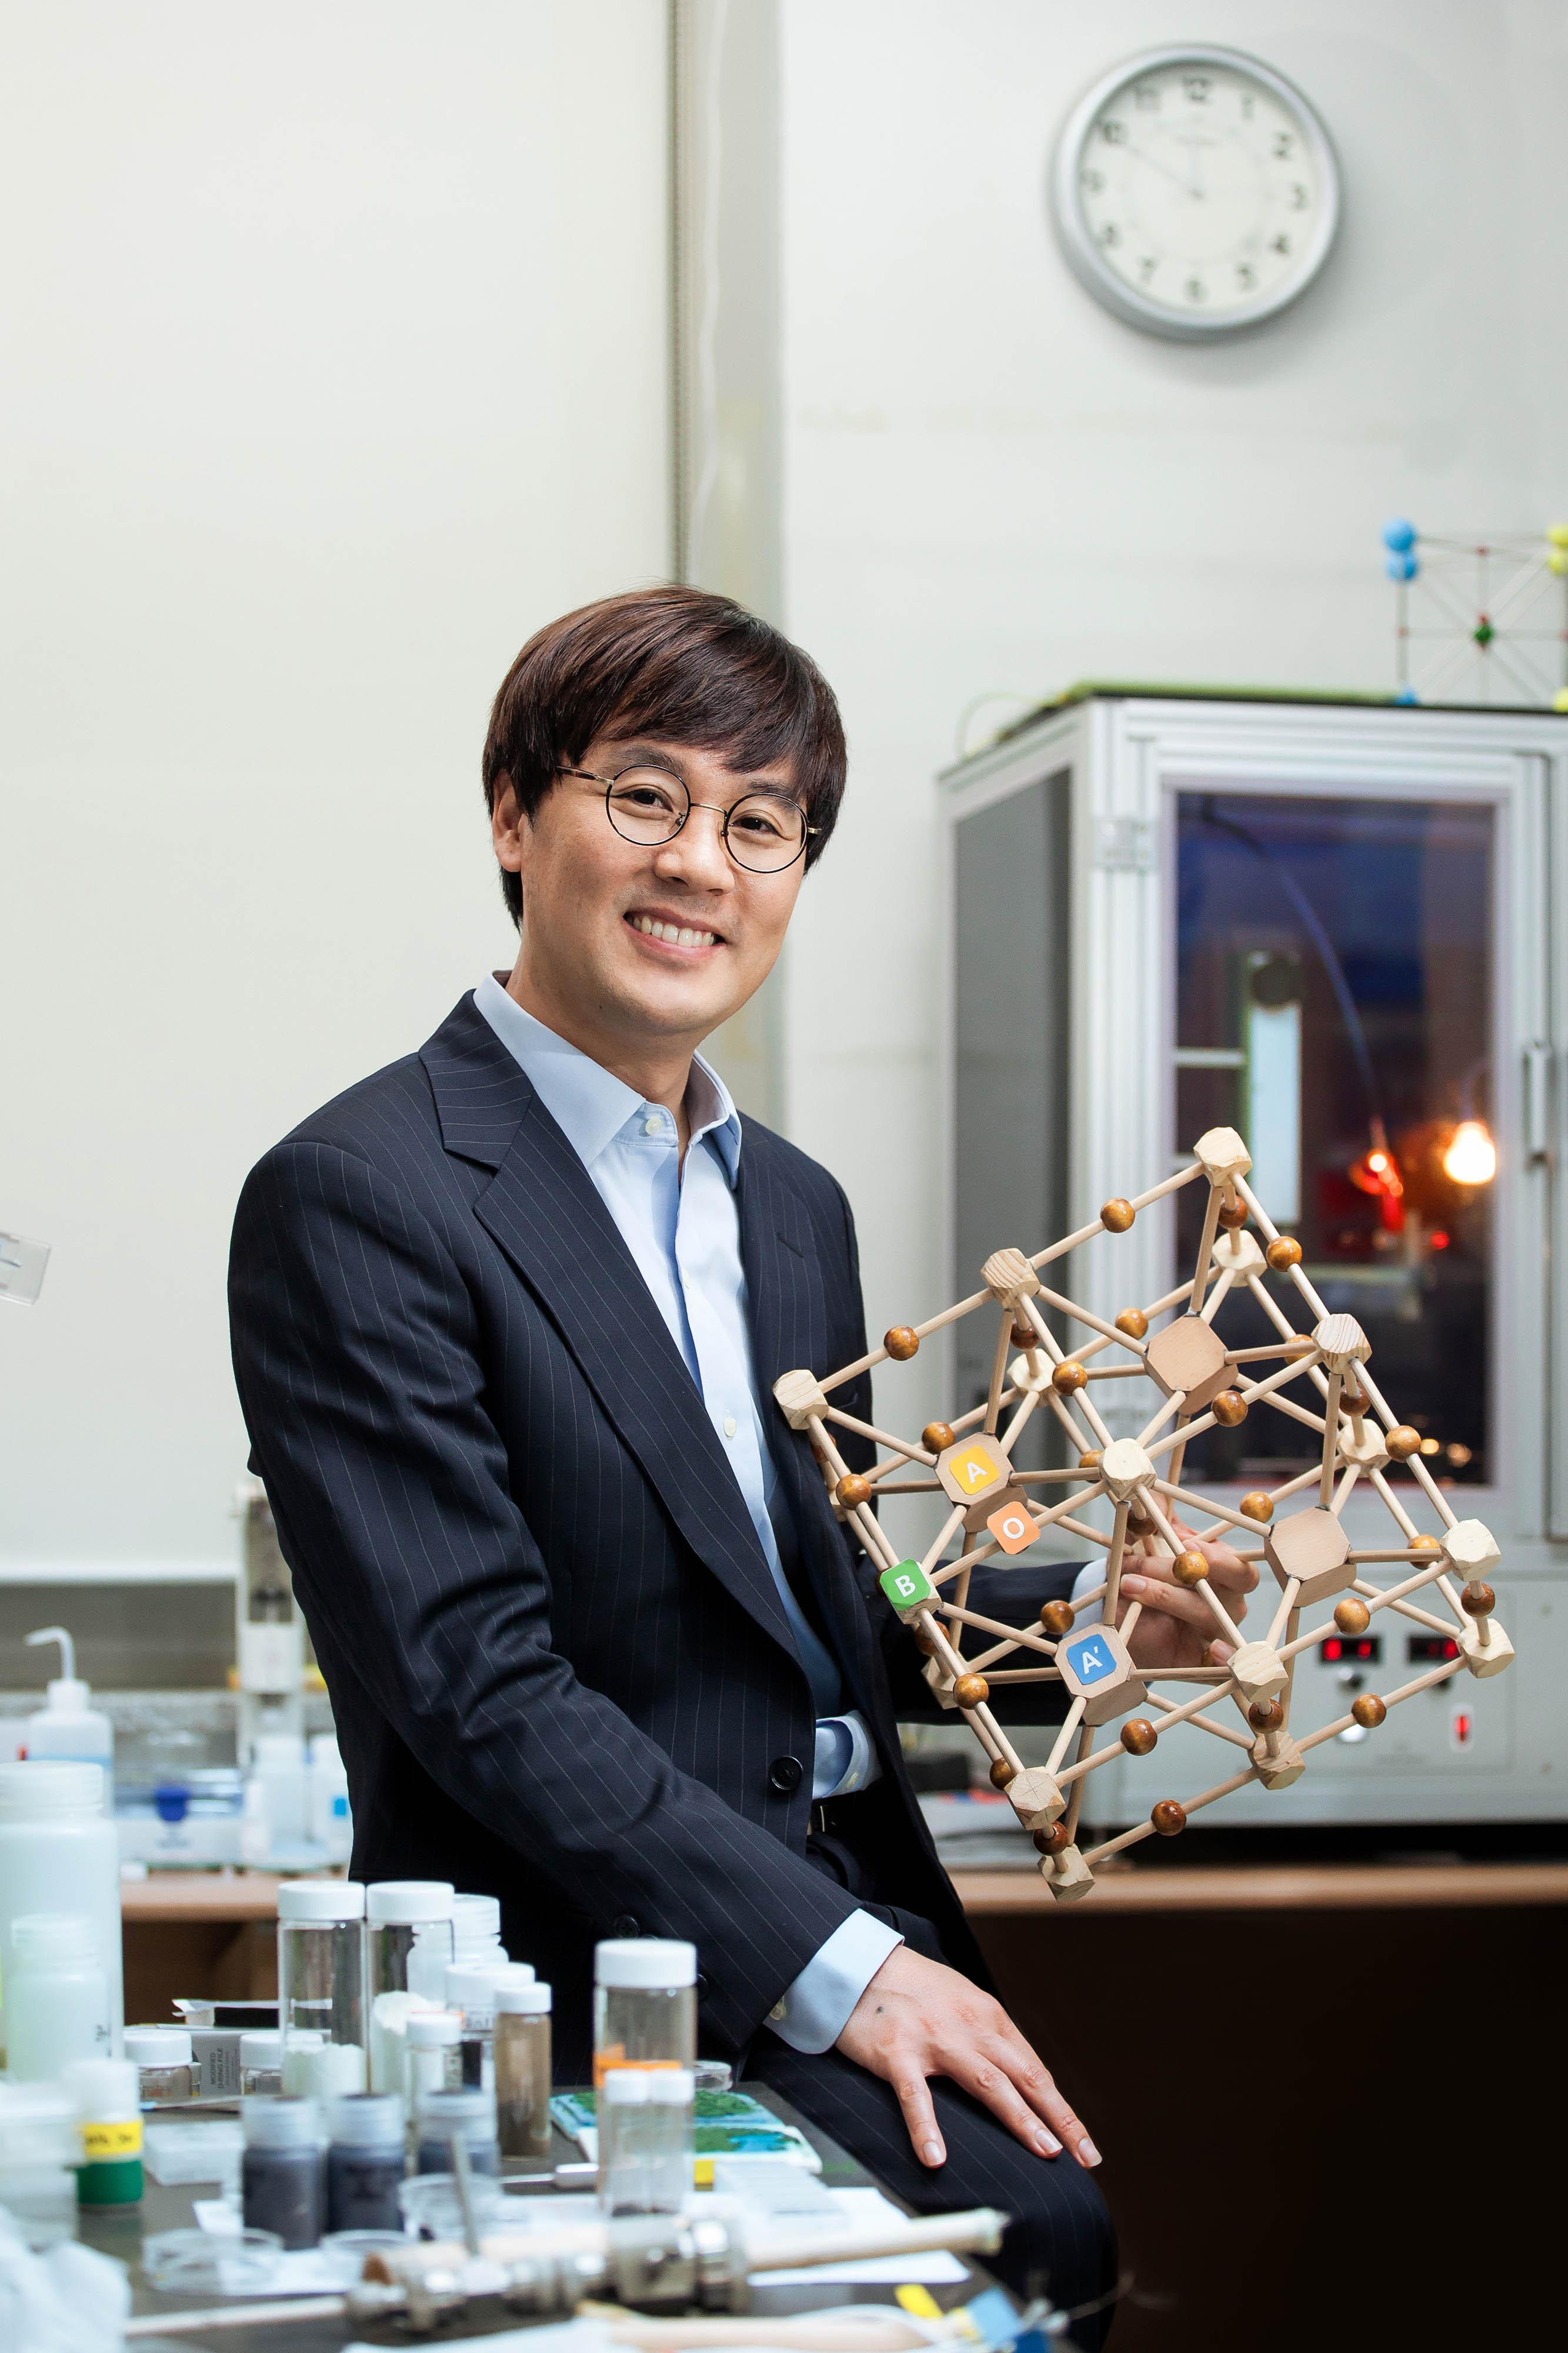 김건태 교수가 자신의 페로브스카이트 모형을 손에 들고 미소짓고 있다. | 사진: 이서연